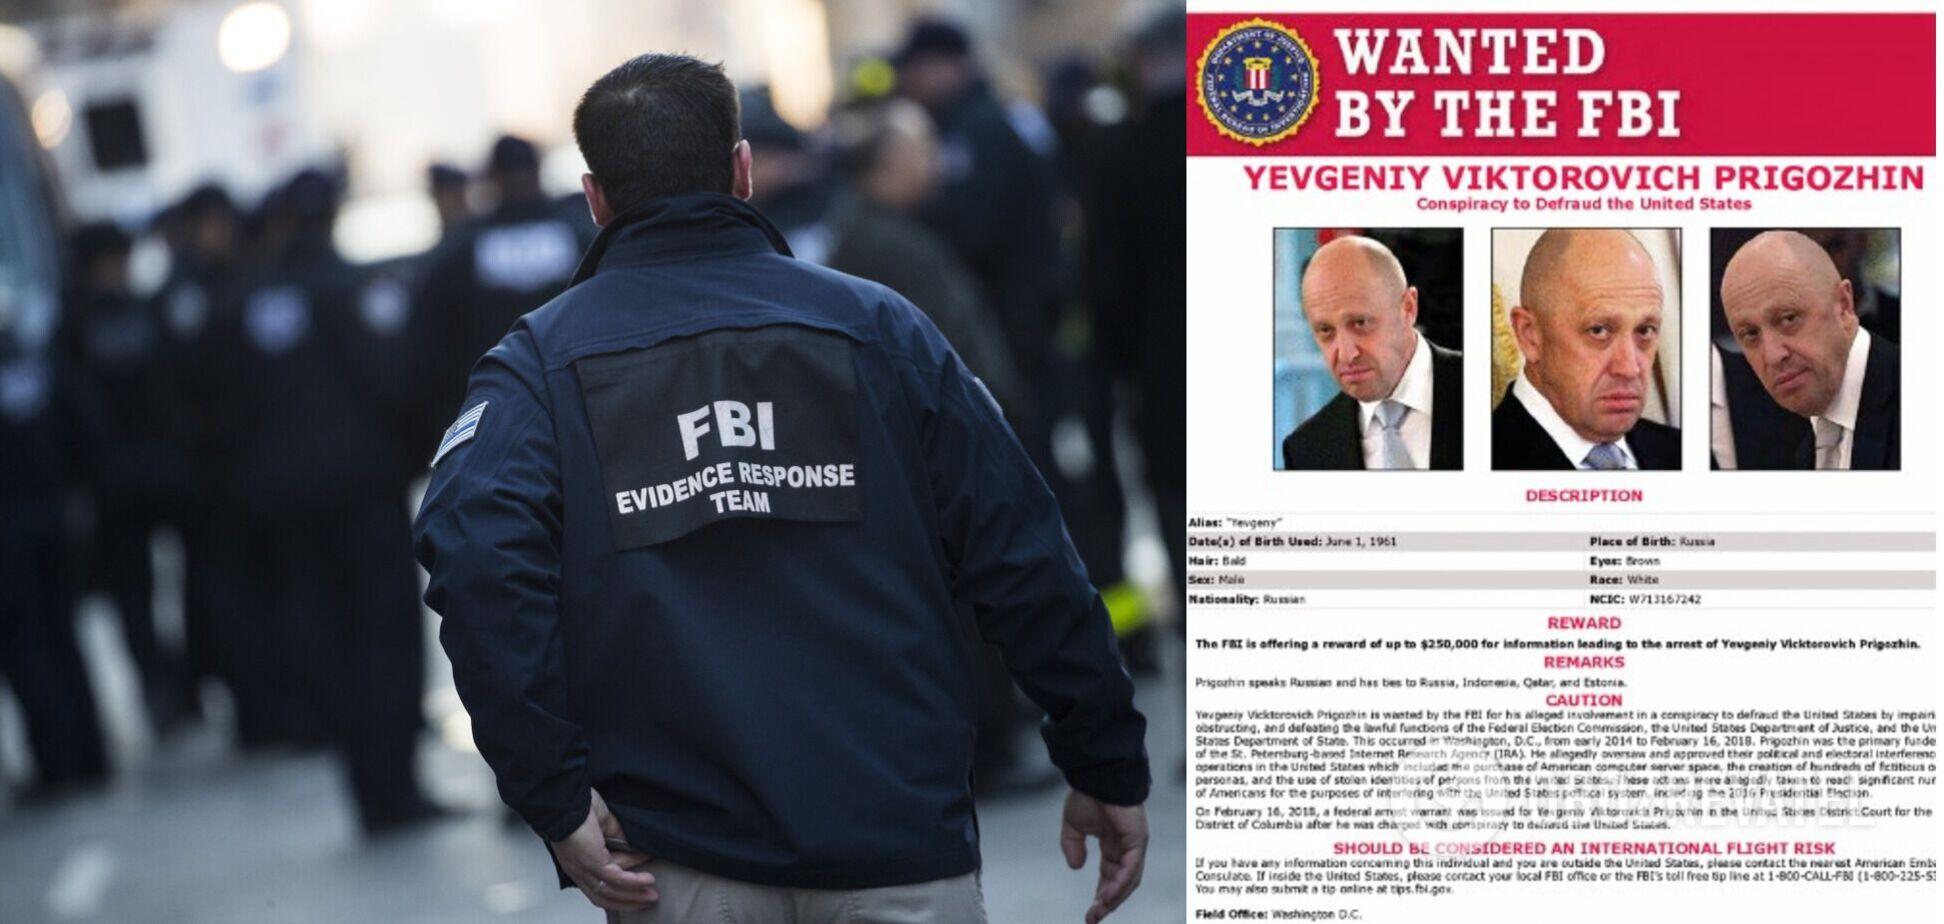 ФБР оголосило в розшук 'кухаря Путіна' і пообіцяло 250 тисяч доларів нагороди